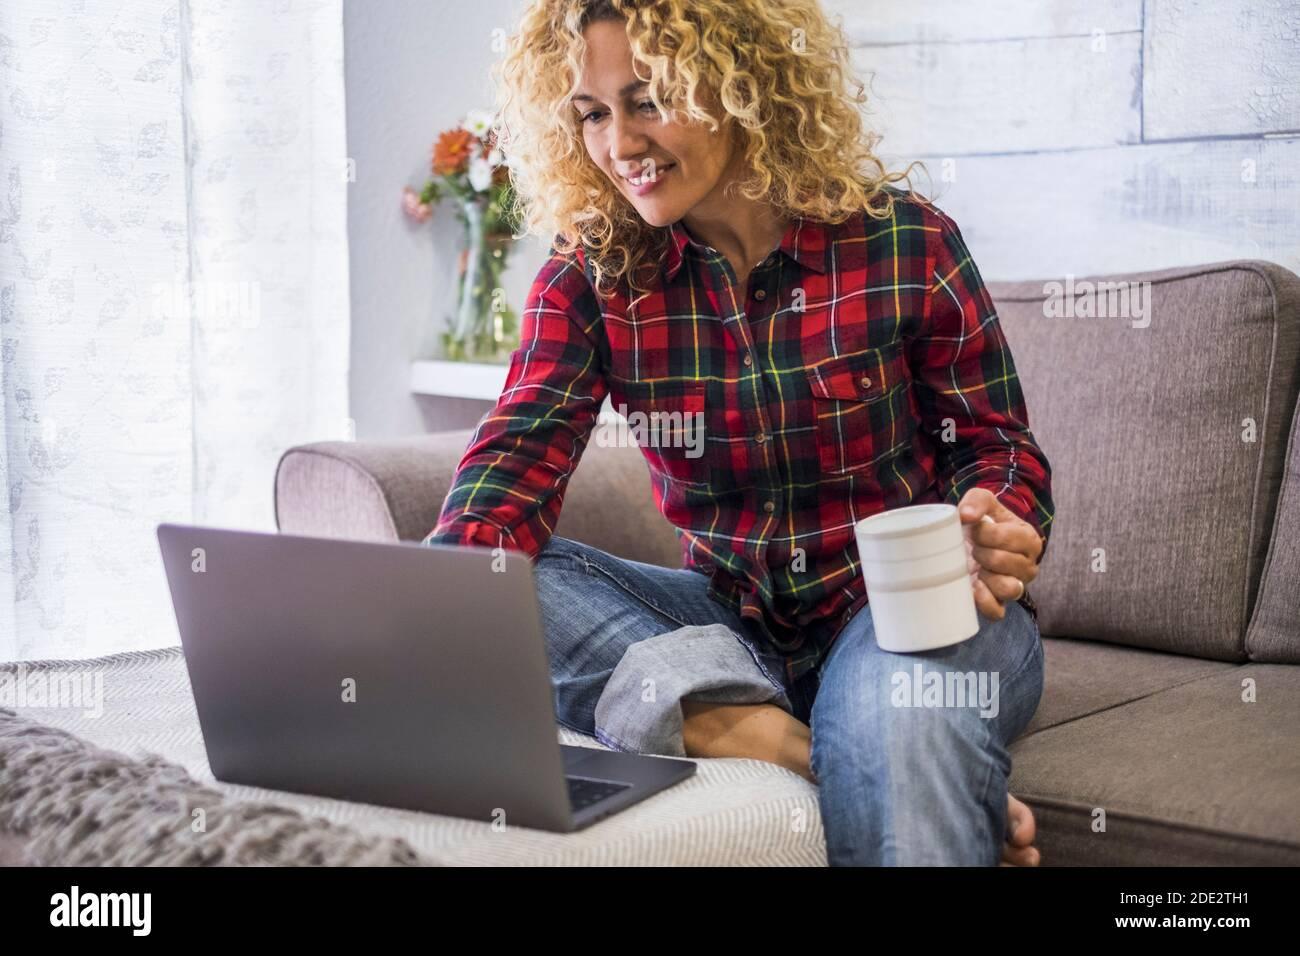 Beau portrait d'une femme travaillant avec un ordinateur portable à la maison - l'achat et l'activité d'emploi avec la technologie en ligne gratuitement les gens - assez féminine cauca Banque D'Images